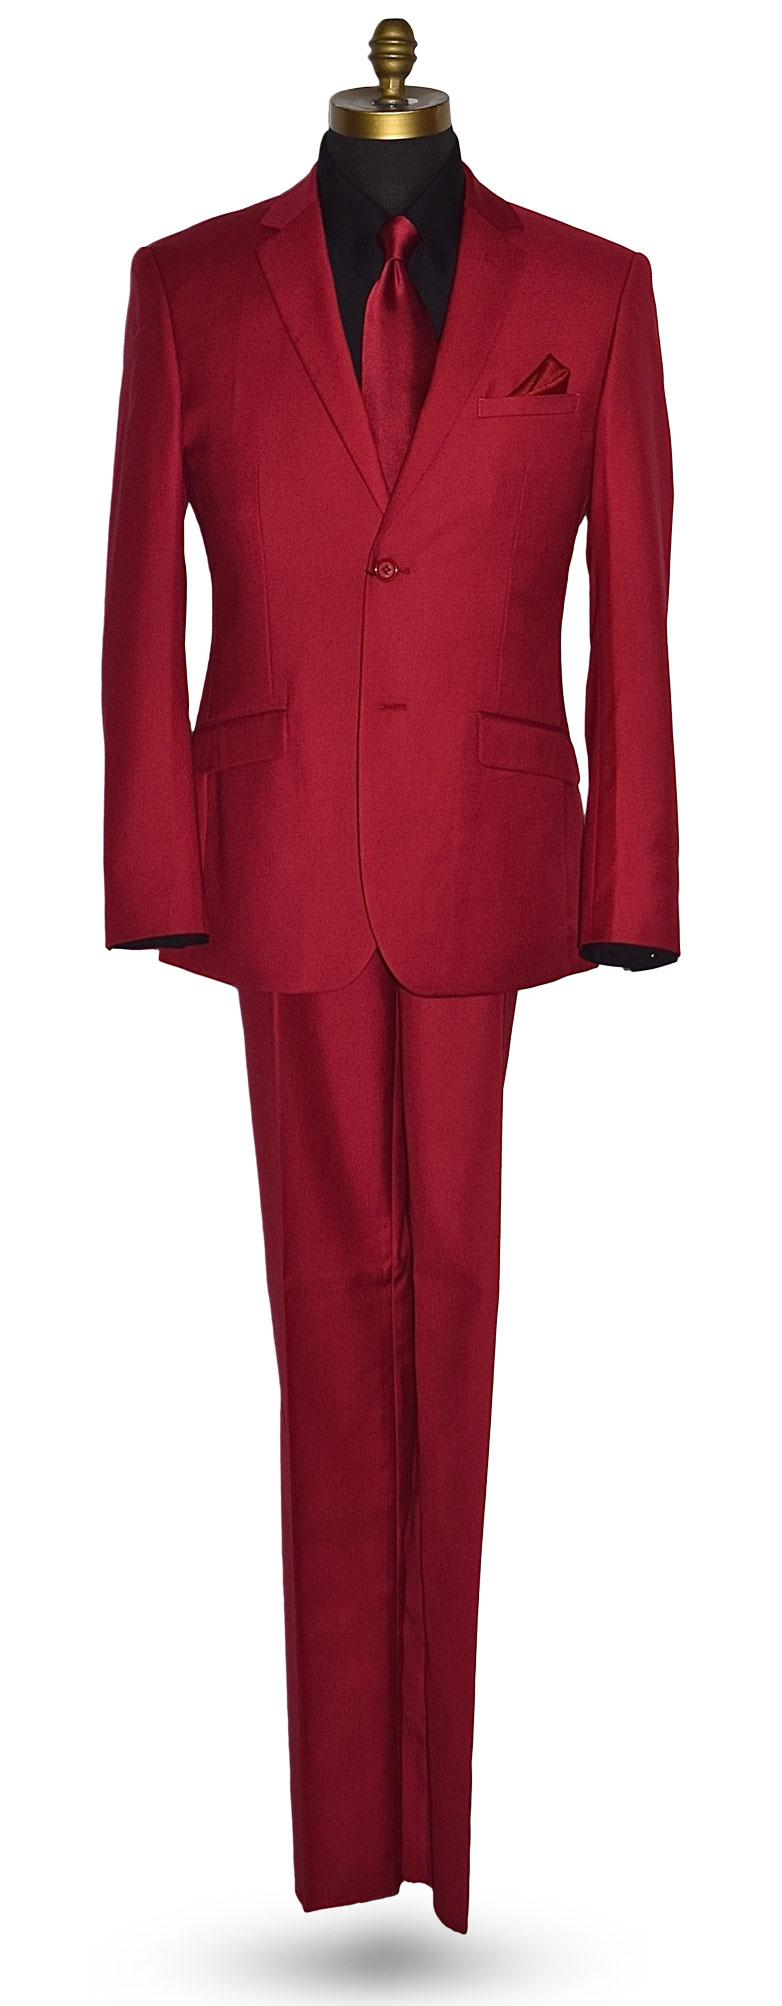 Cardinal Red Mens Suit 3 Piece Coat, Pants and Vest